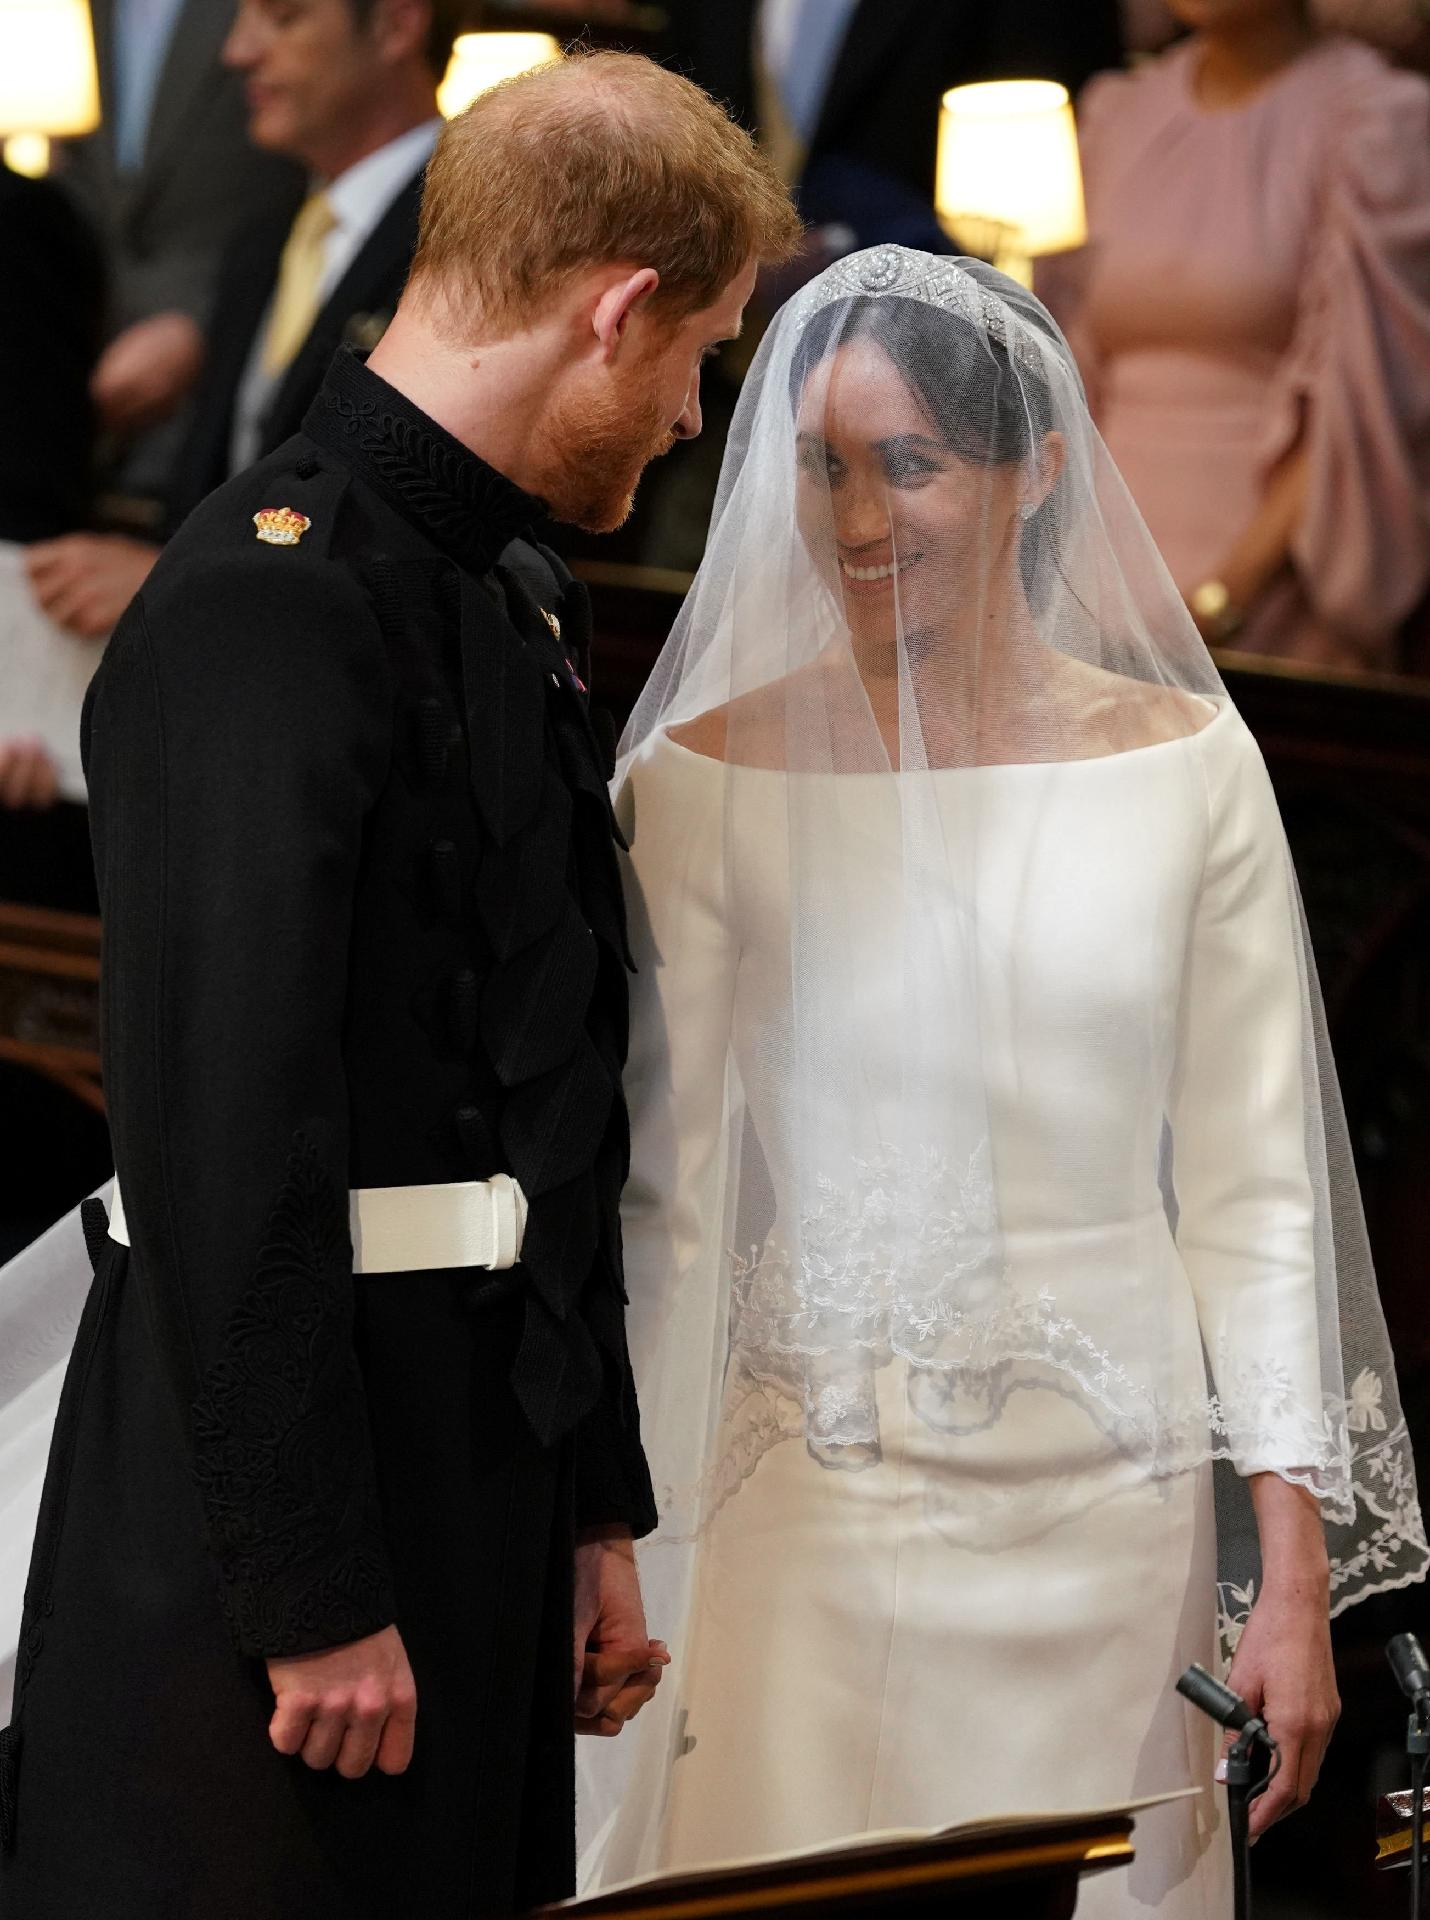 5298e34c3 Casamento real 2018: Veja o vestido de noiva feminista de Meghan Markle